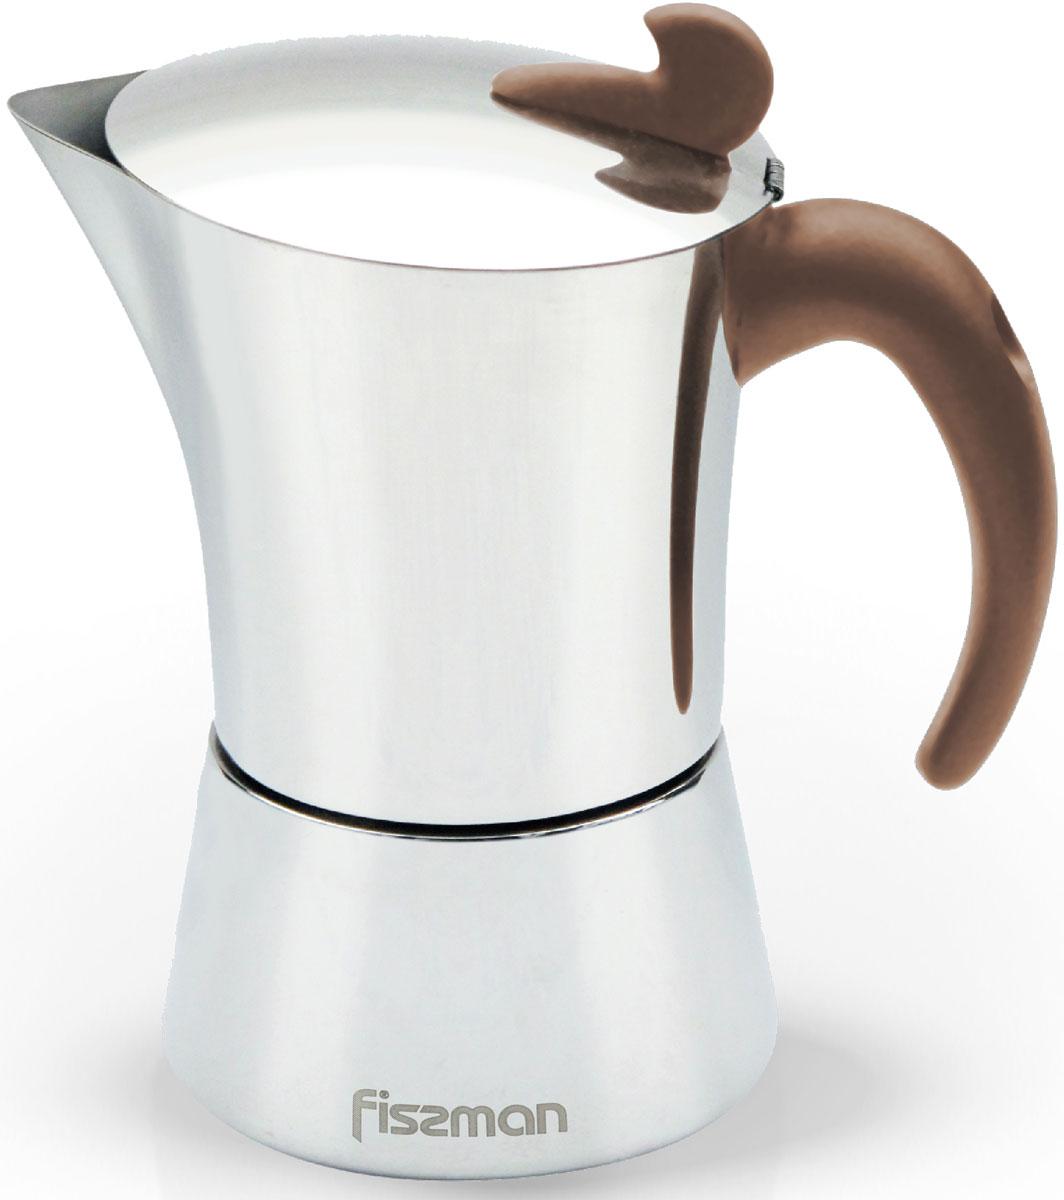 Кофеварка гейзерная Fissman, на 6 порций, 360 млEM-9415.9Перед первым использованием посуду следует помыть и протереть сухой тряпкой.